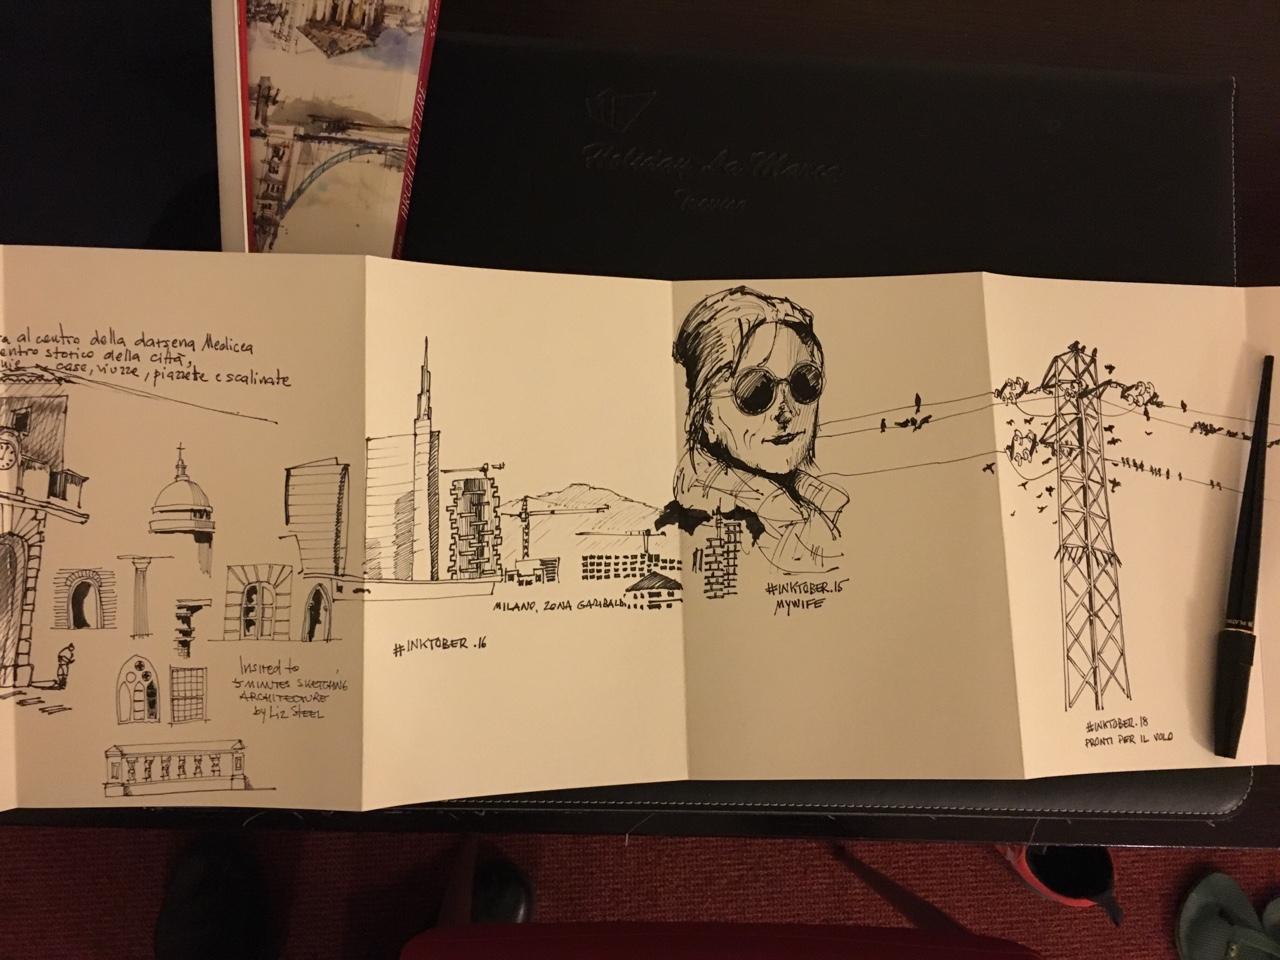 Obra de Matteo Tarenghi para #inktober2016.